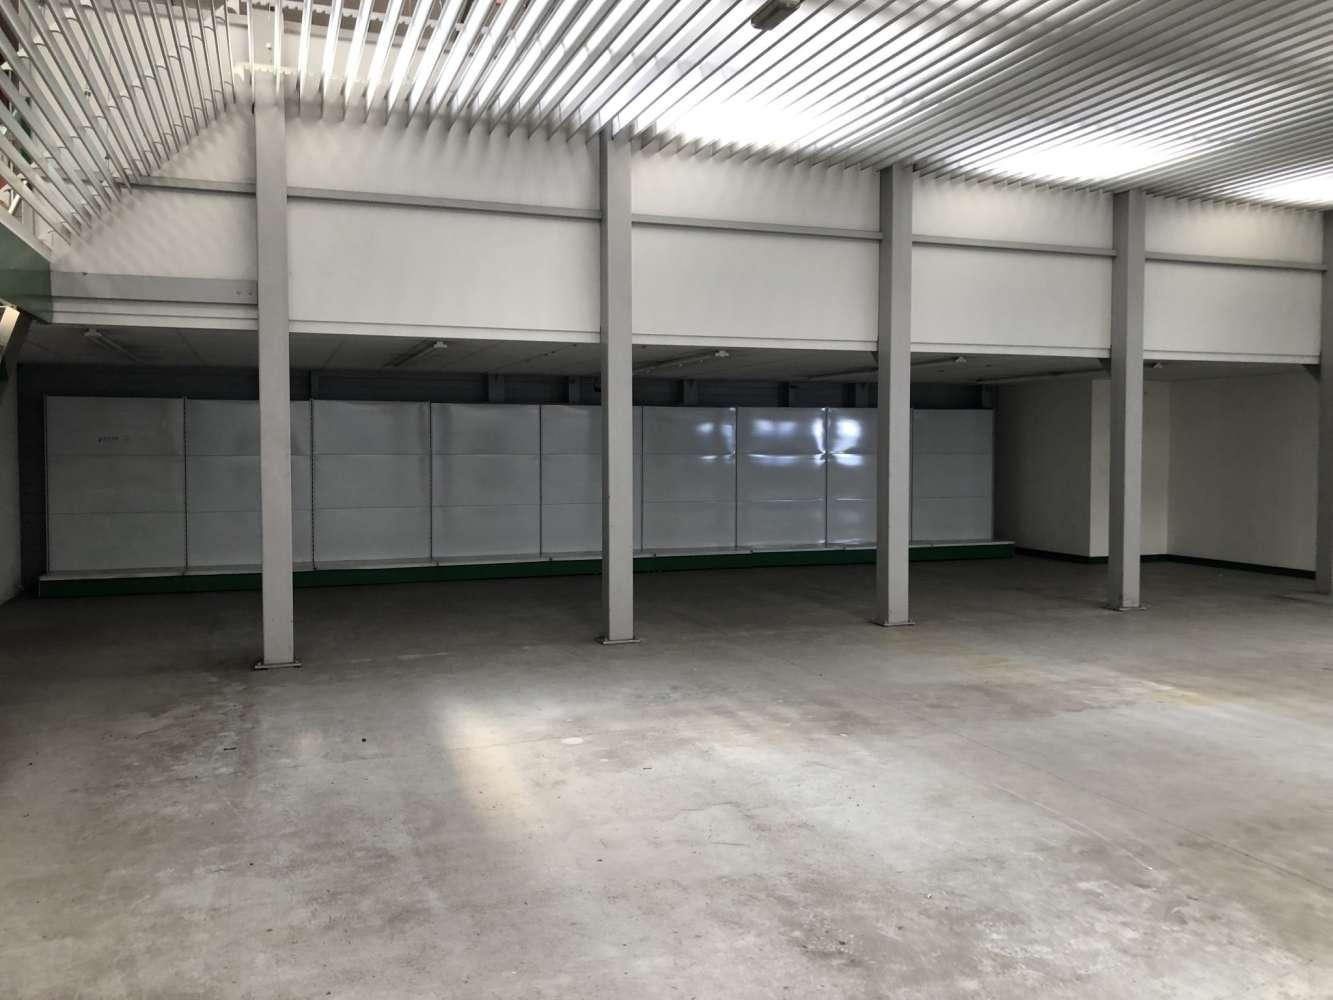 Activités/entrepôt Nantes, 44300 - 26. RUE DU MARCHE COMMUN - 10804266